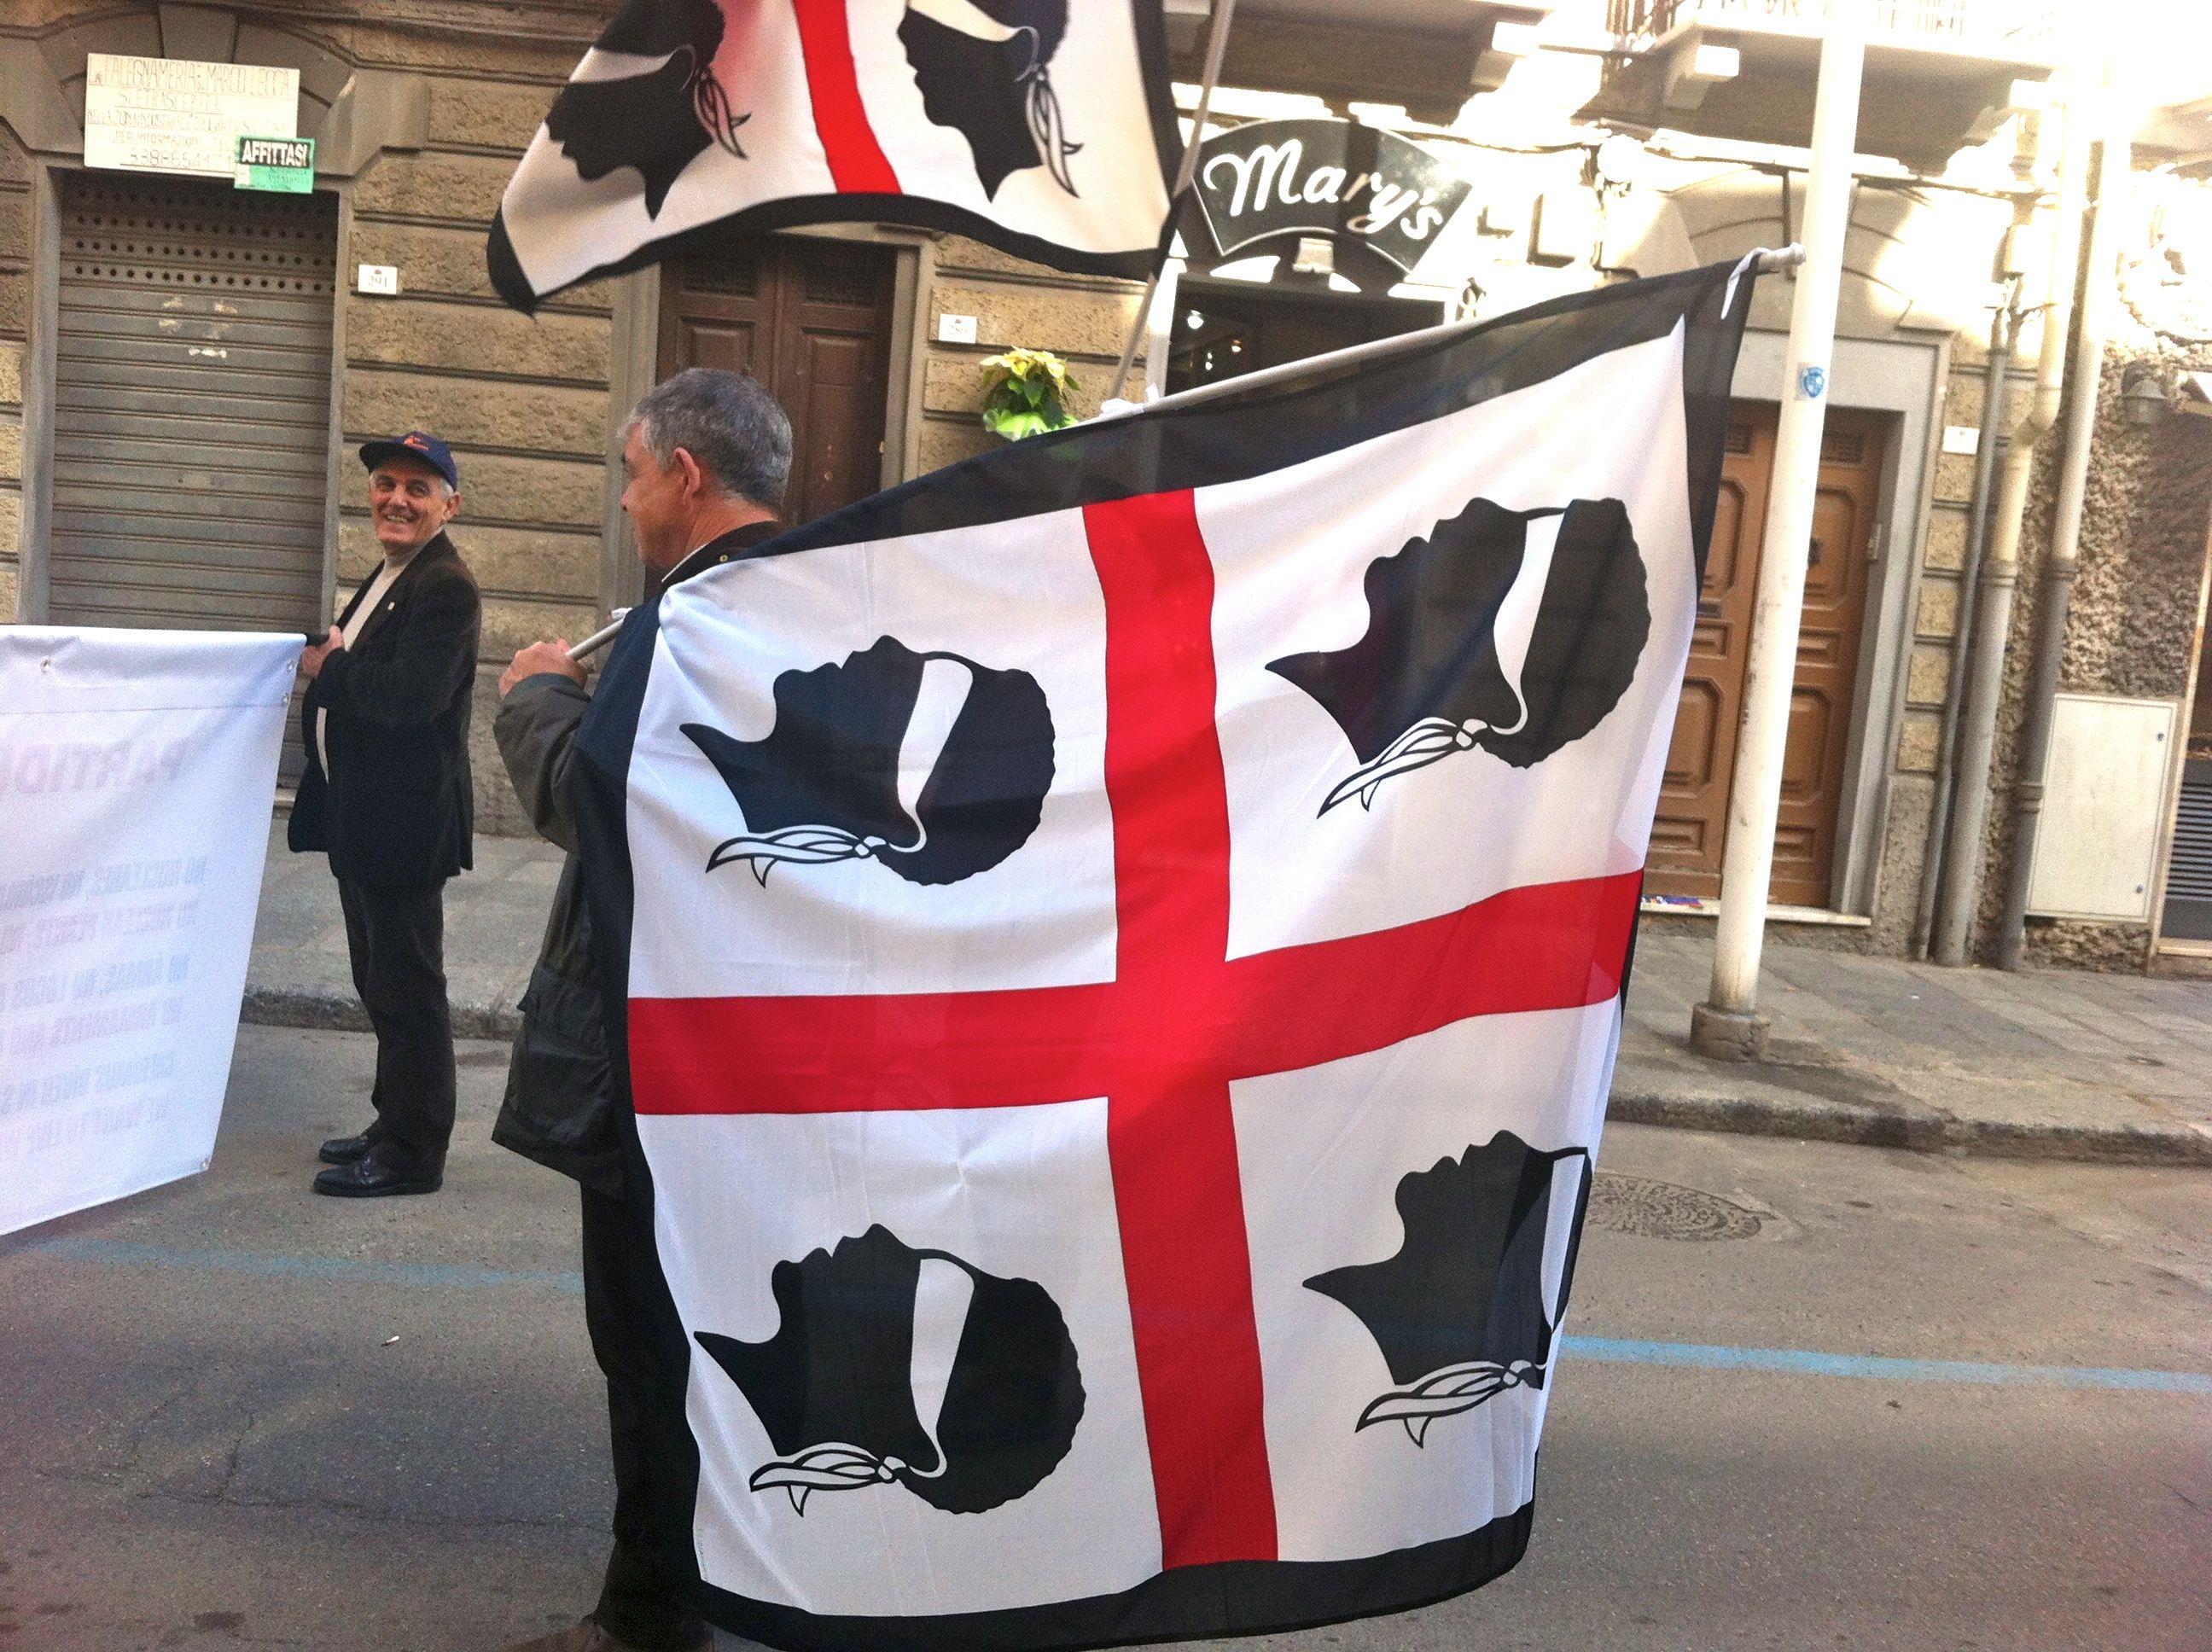 bandierasardista